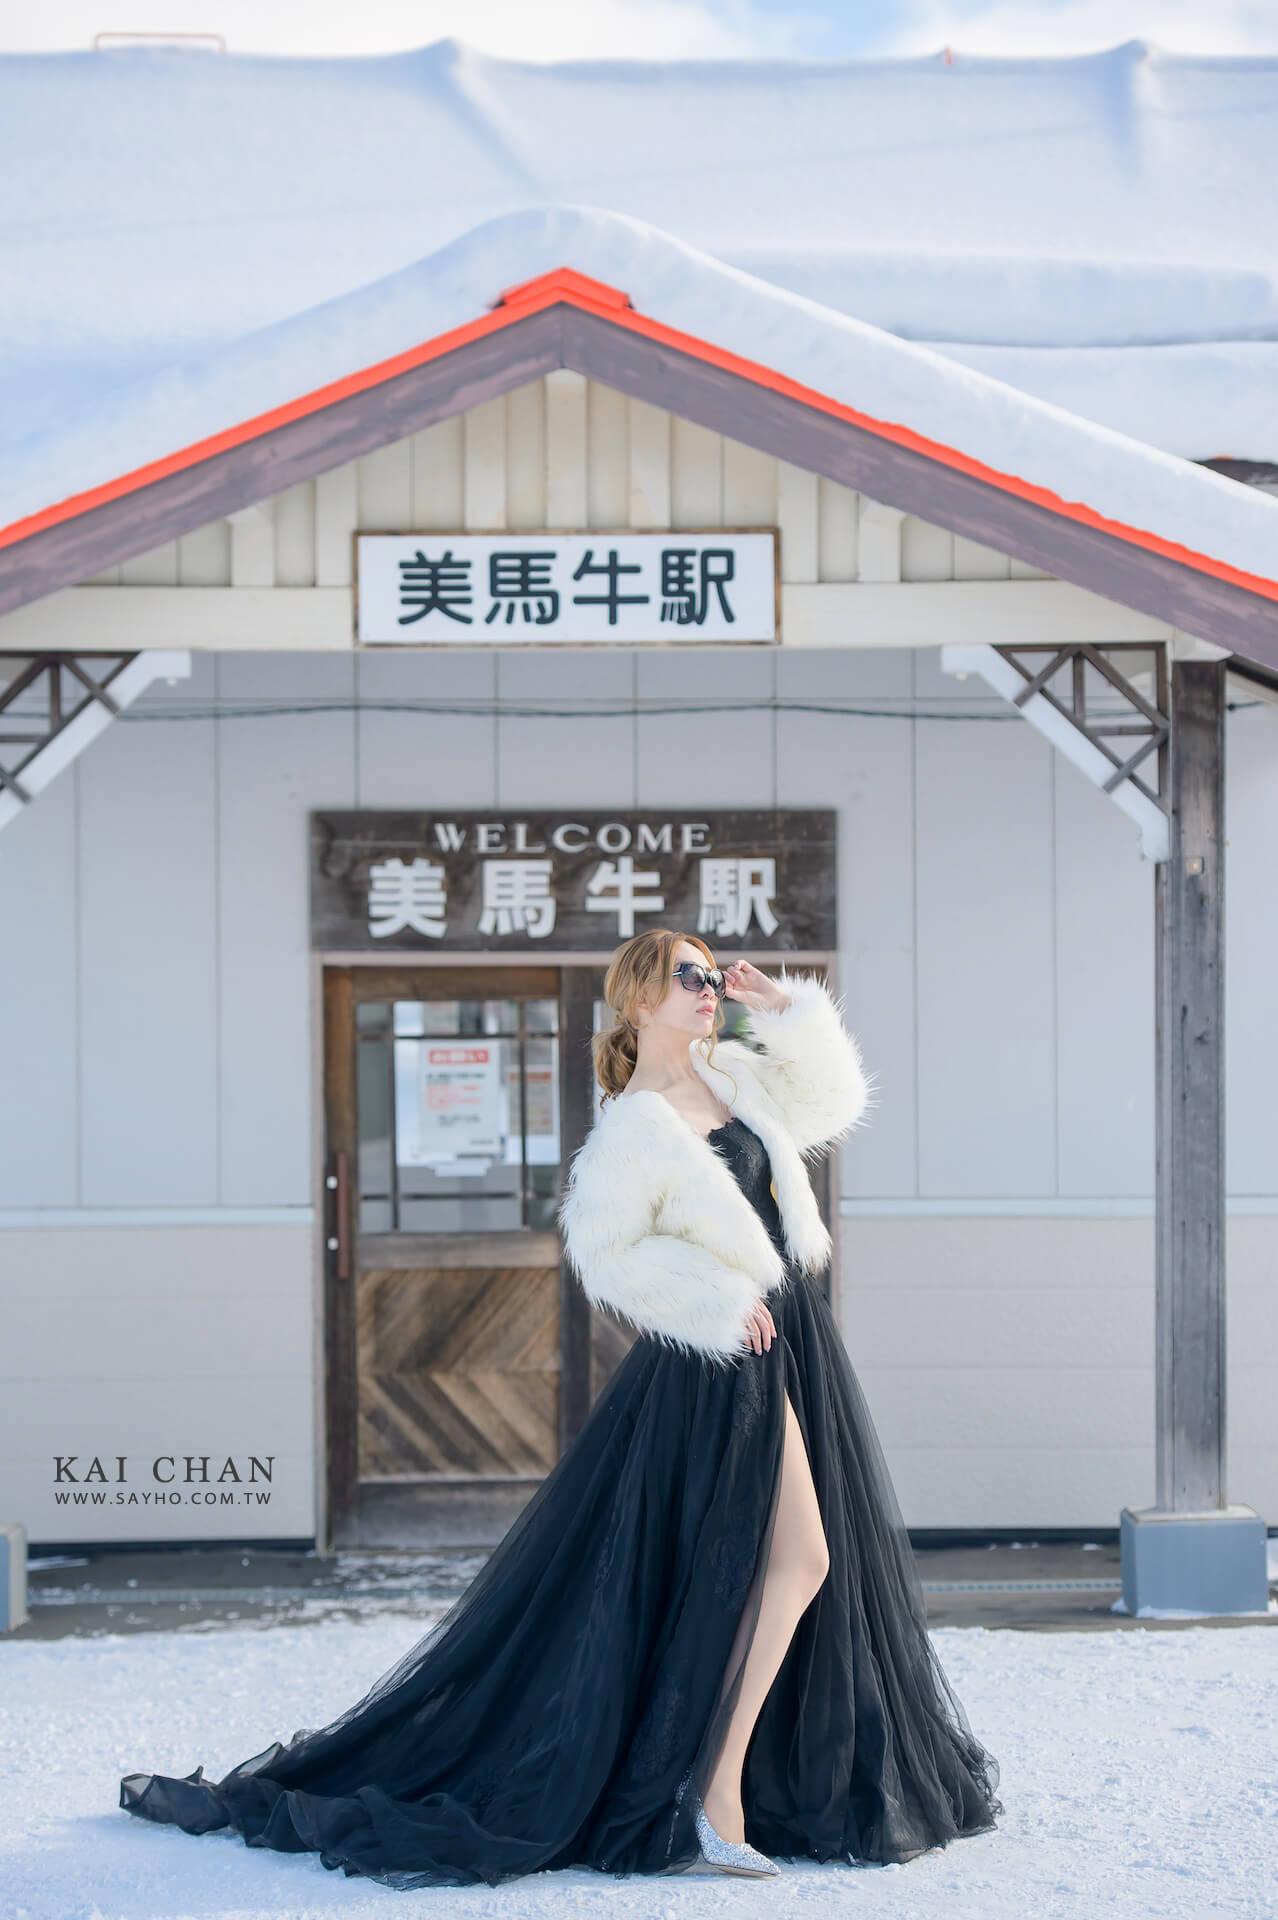 美瑛景點,美馬牛車站,北海道婚紗,雪景婚紗